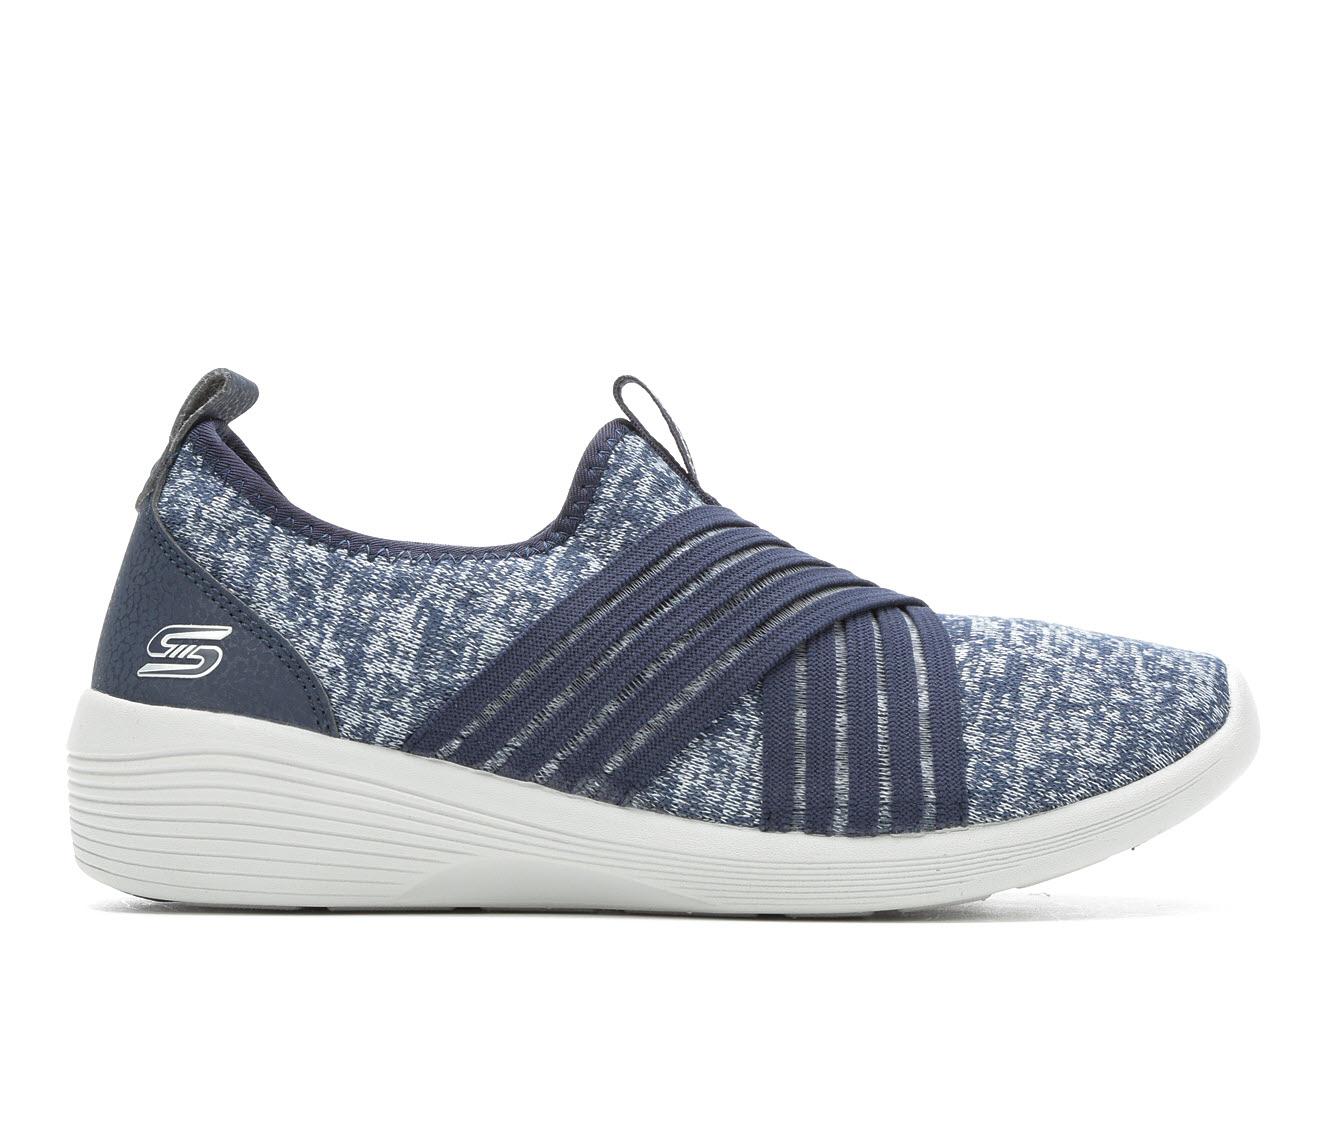 Skechers Crossfire 23764 Women's Shoe (Blue Canvas)